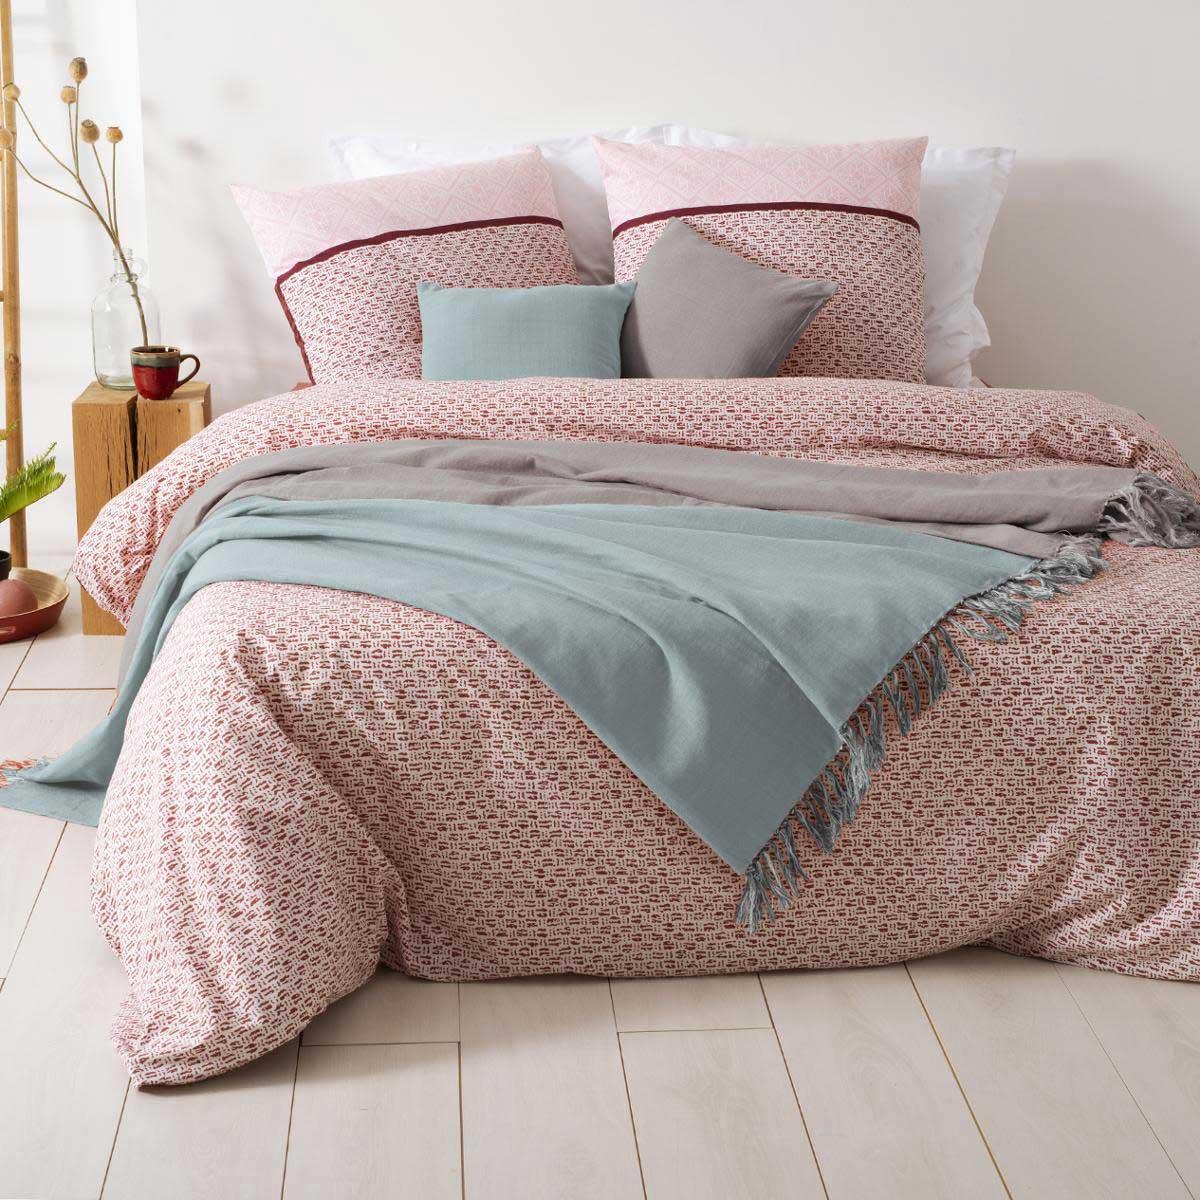 Idées cadeaux : Parures de lit et jetés